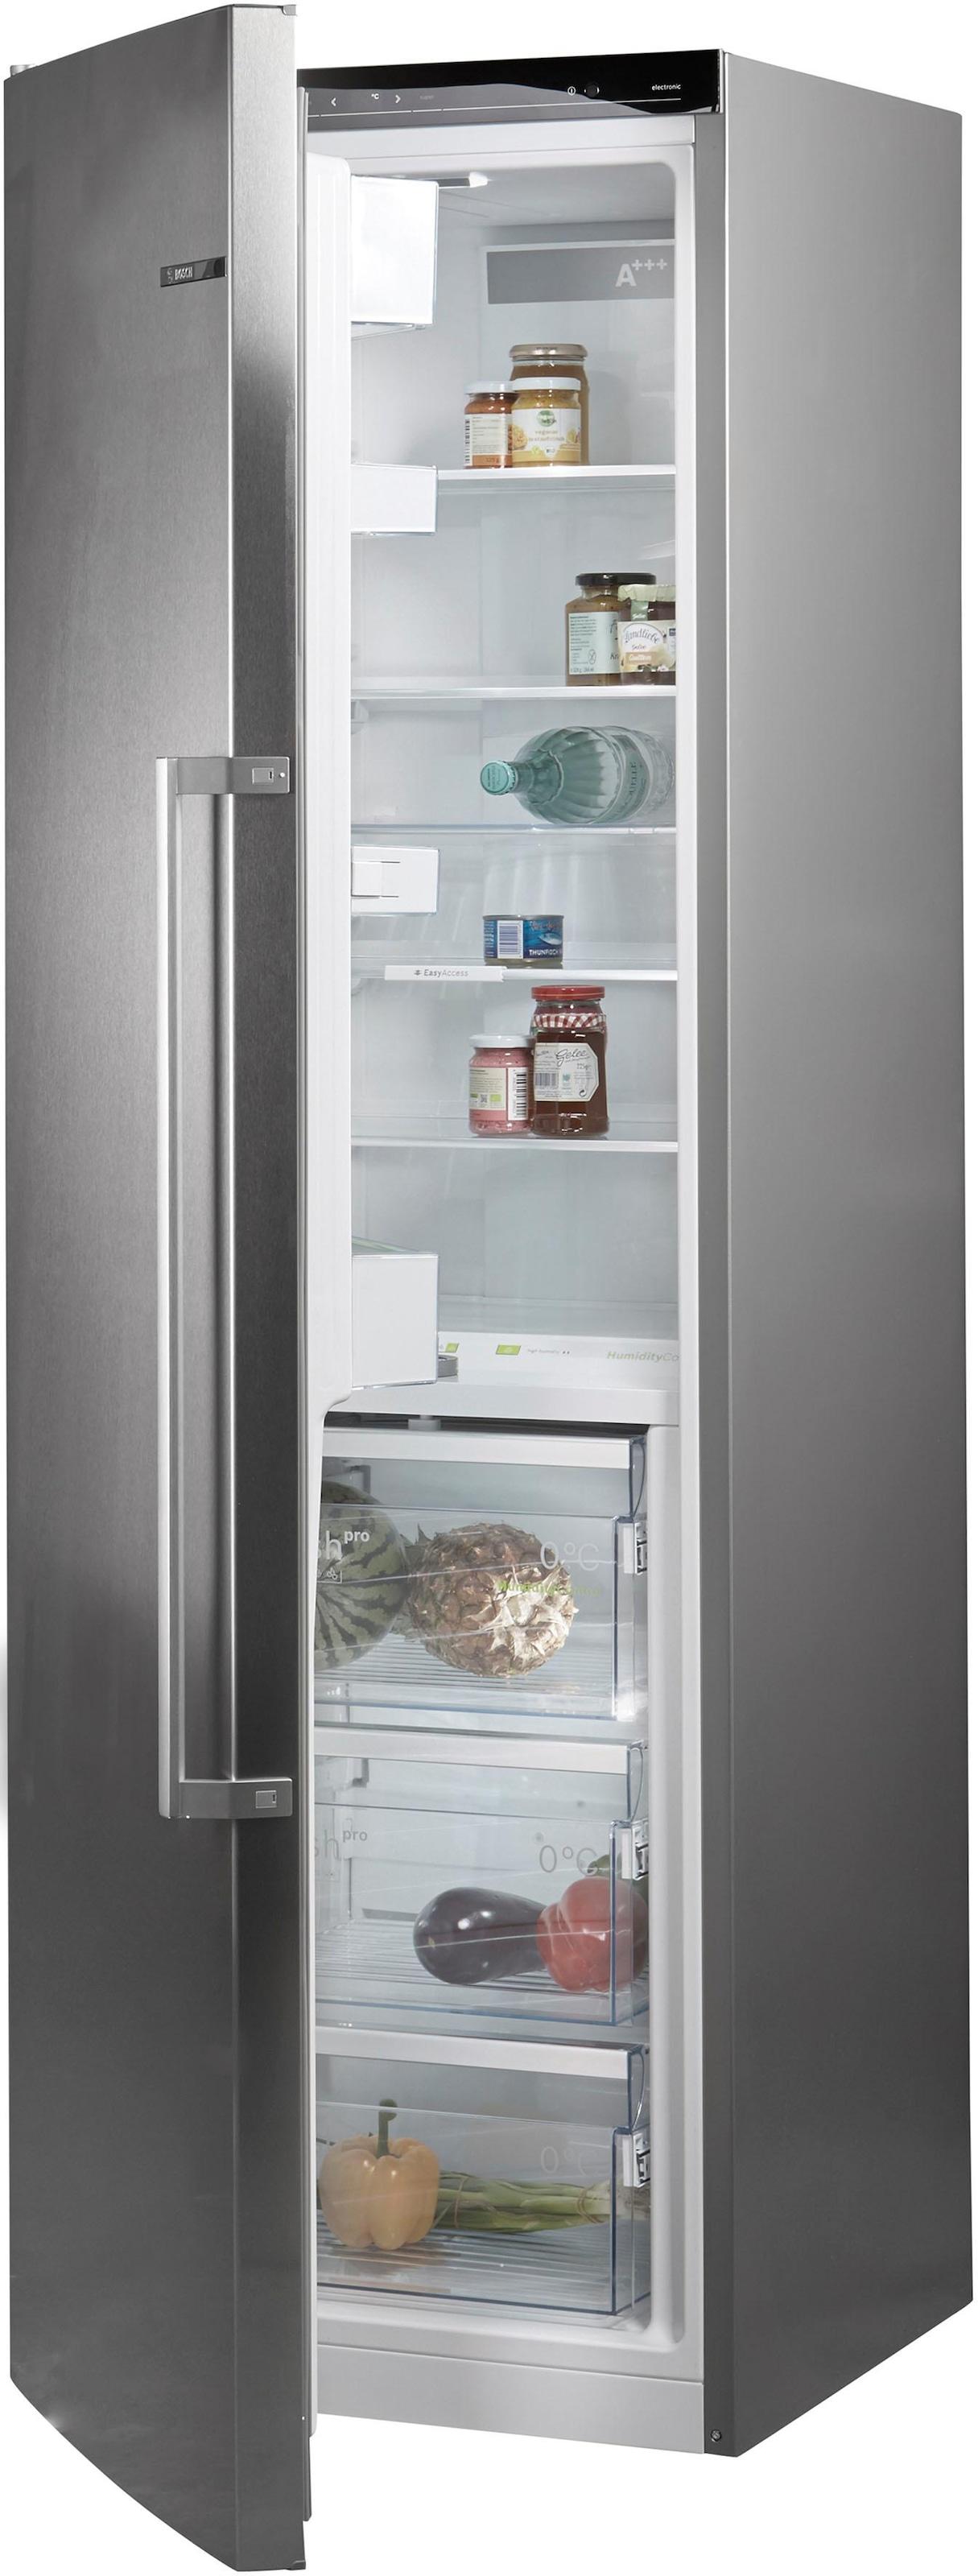 Bosch Kühlschrank Rot : Bosch kühlschrank serie cm hoch cm breit baur